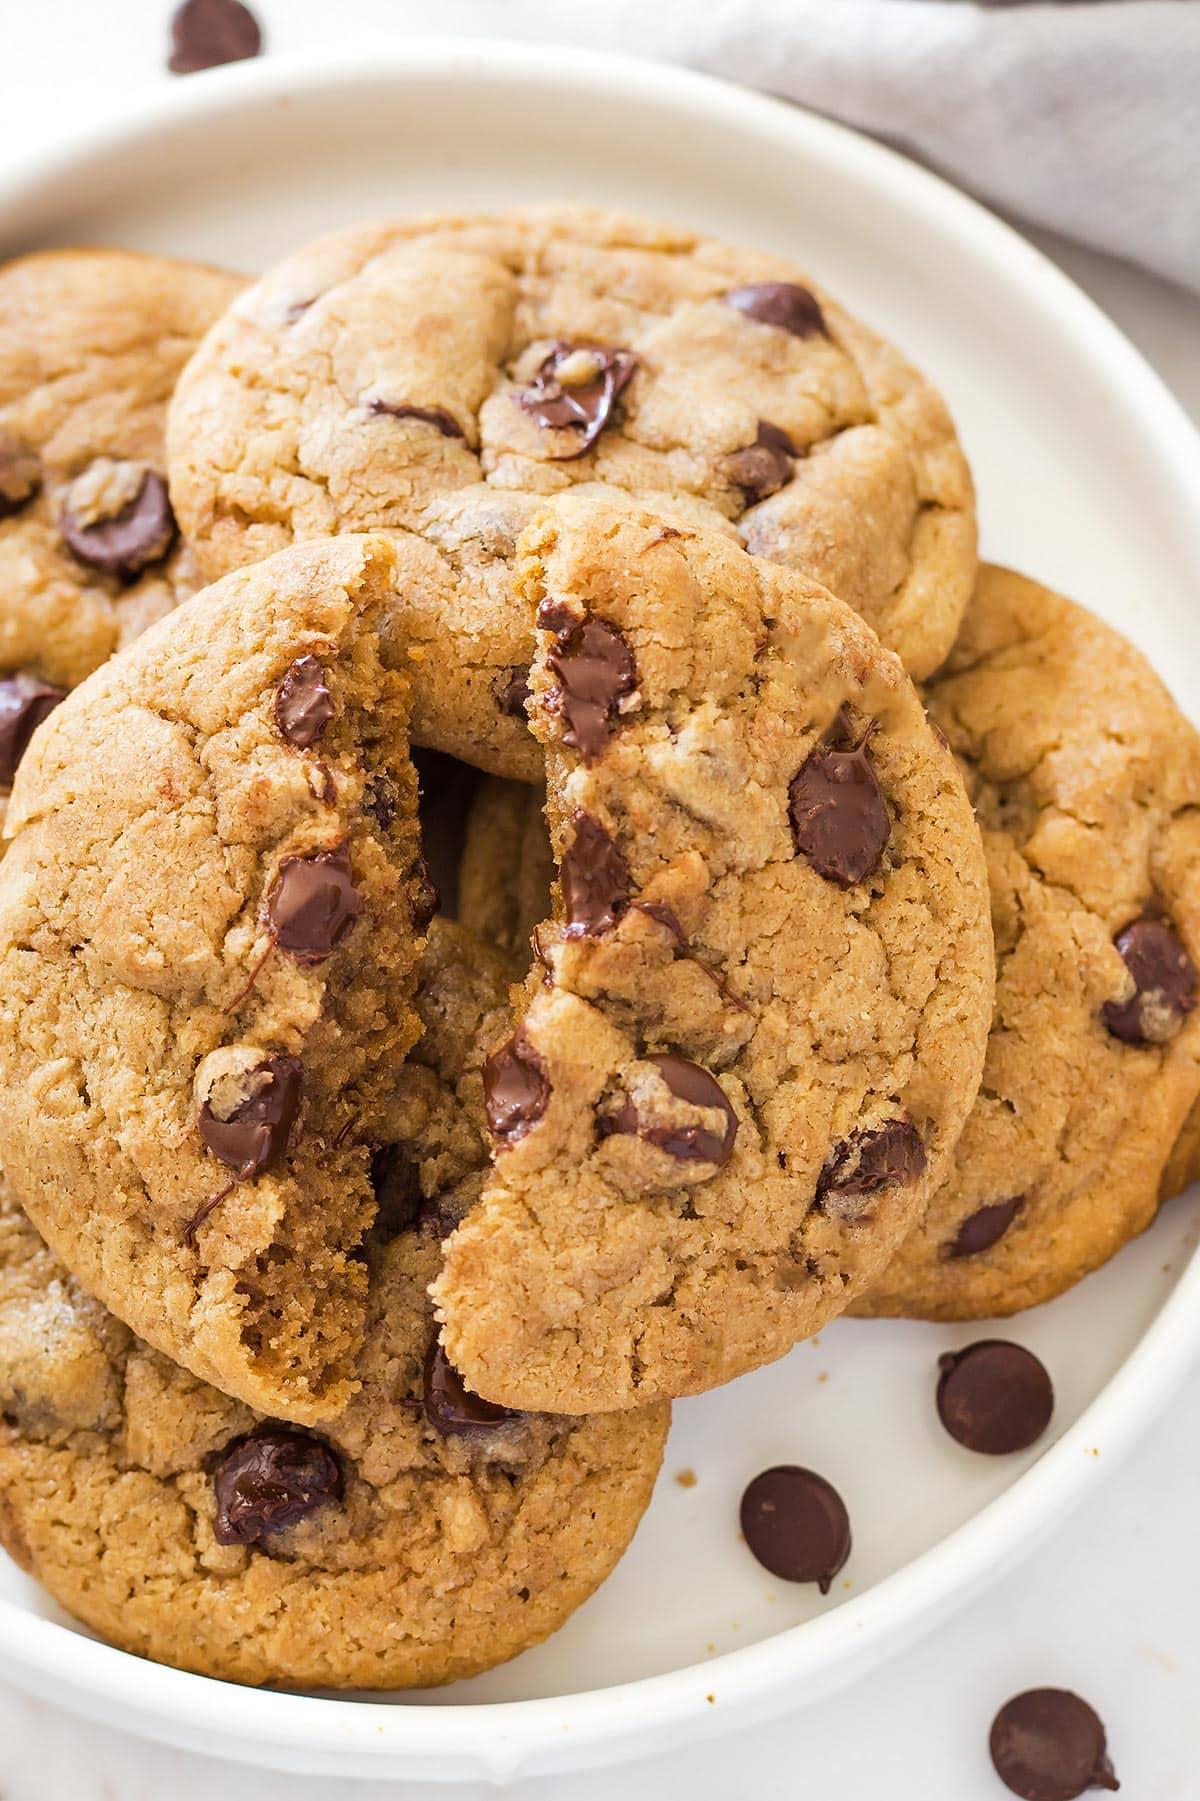 Cookie broken in half